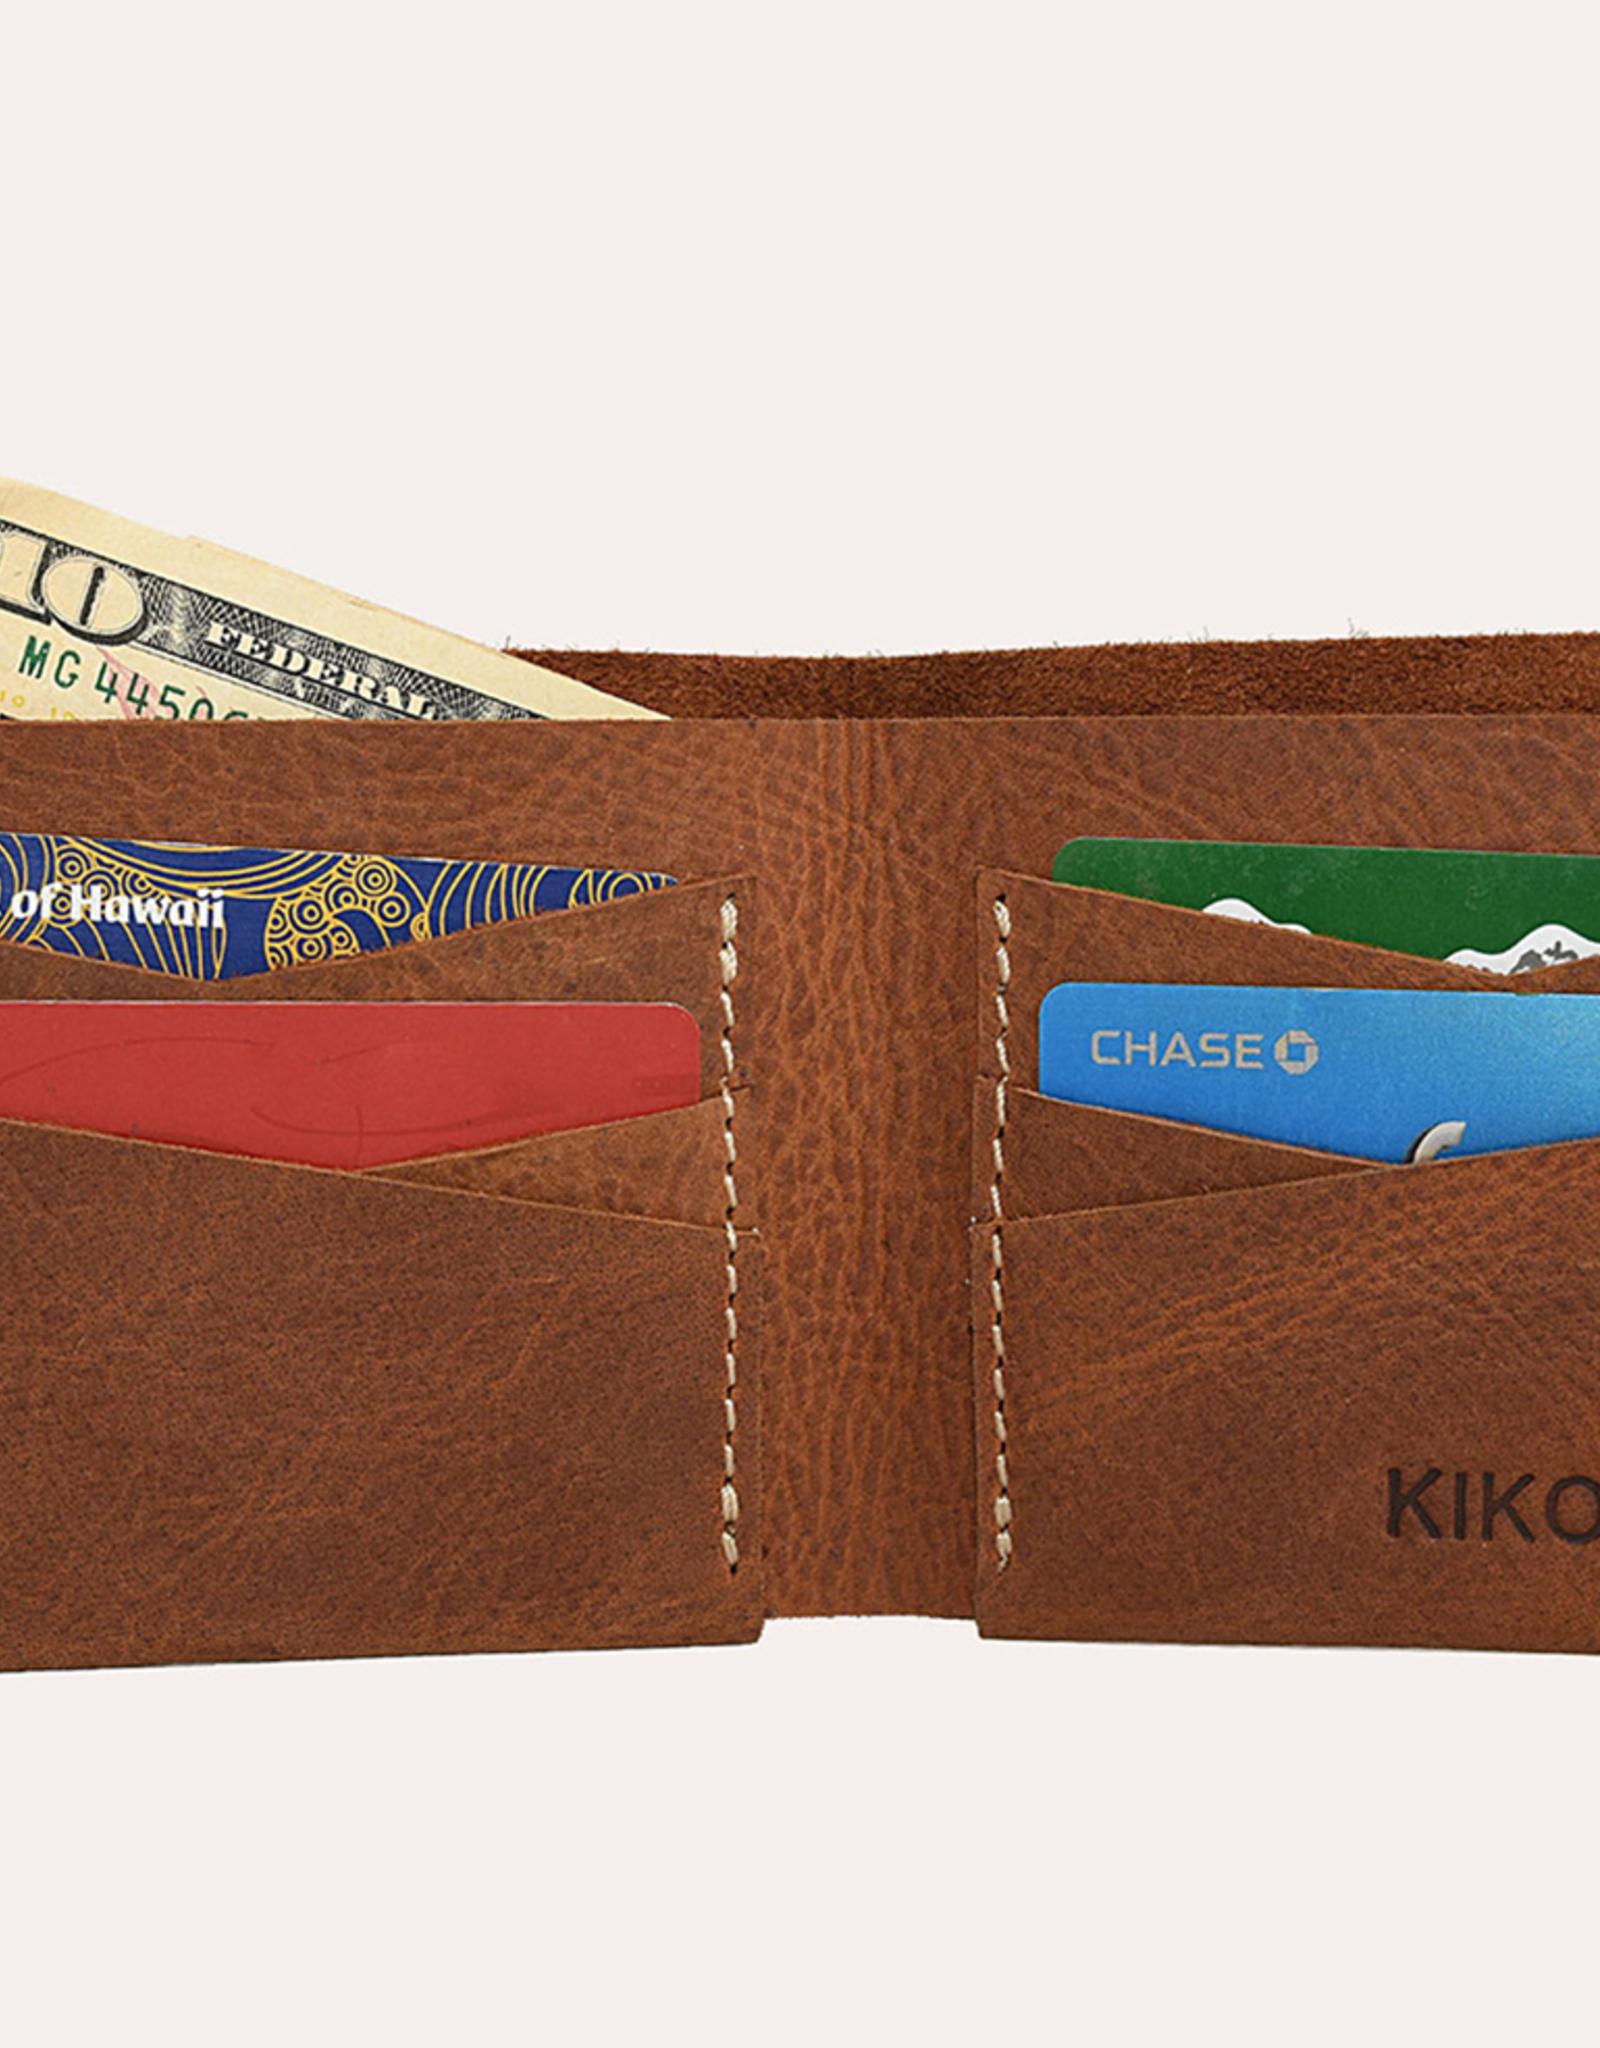 Kiko Leather Kiko Leather | Tan Buck Bifold